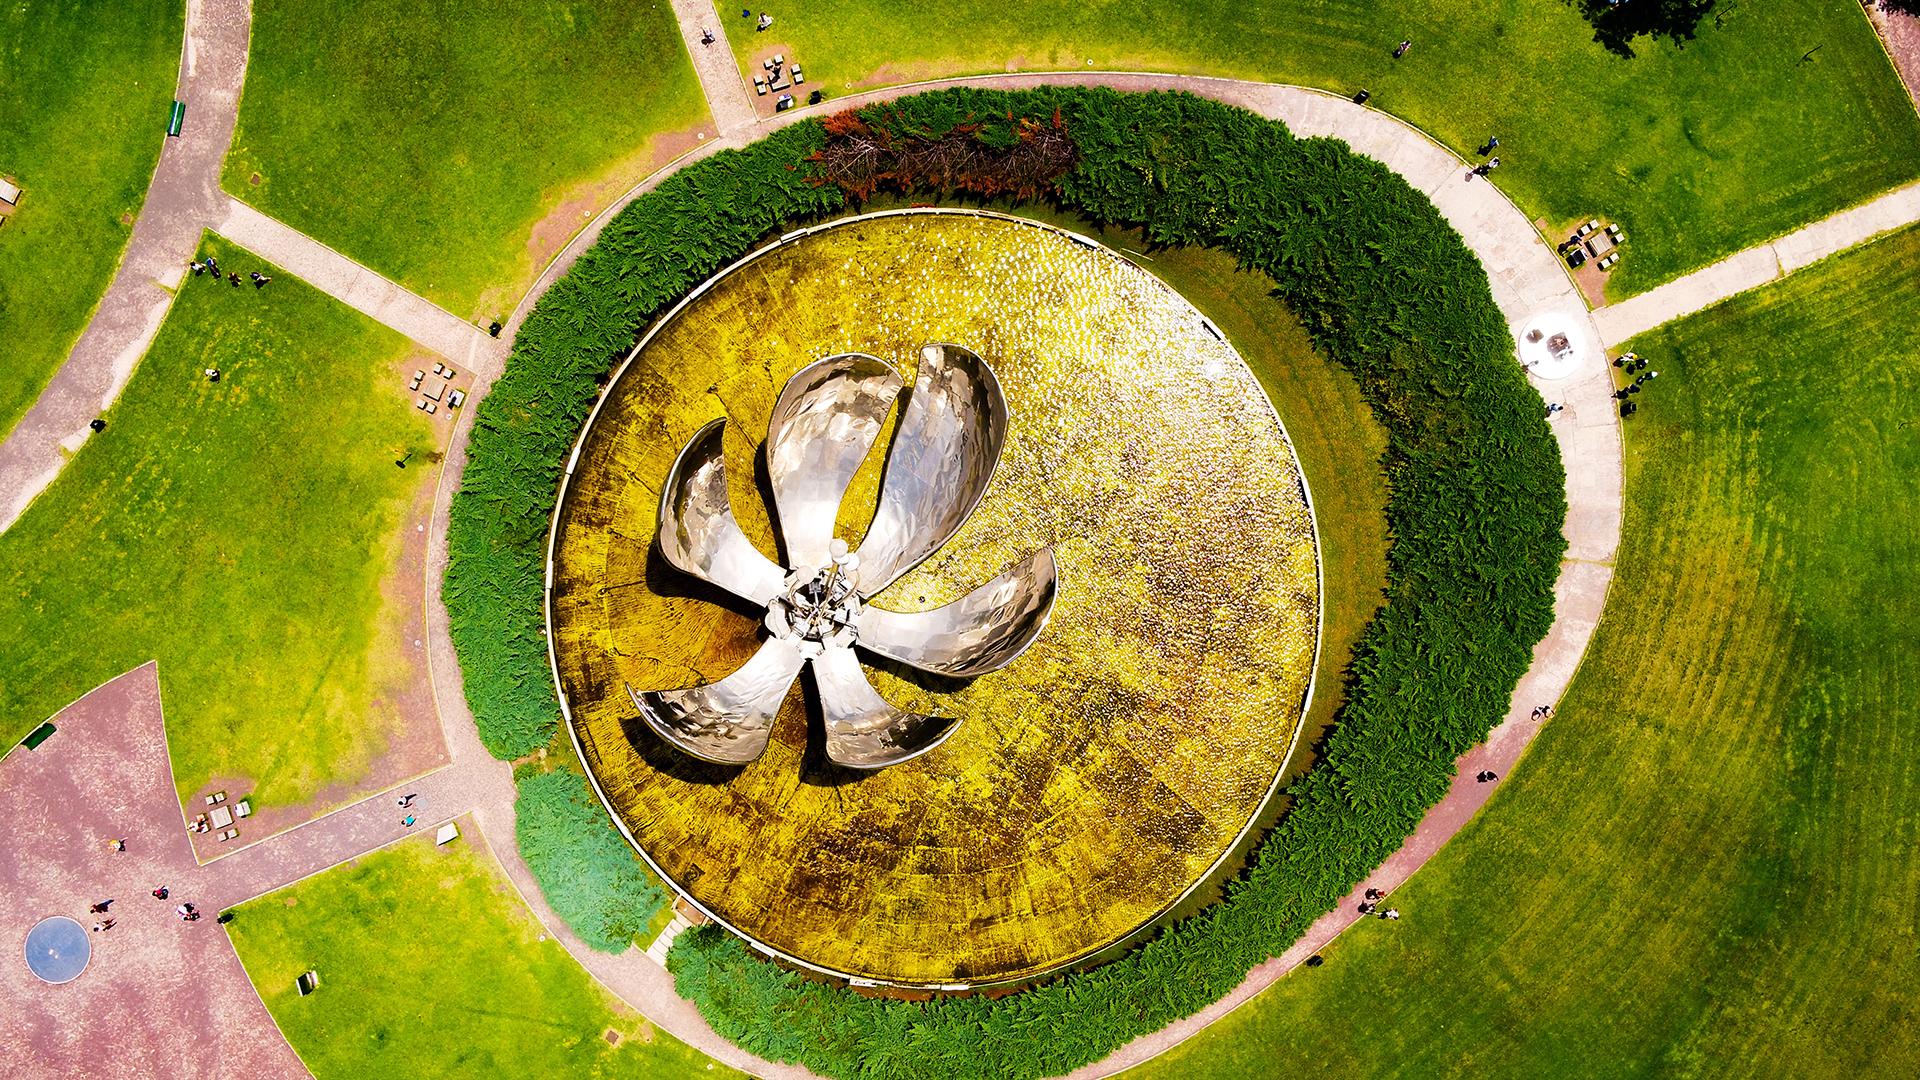 La Floralis Genérica es una escultura metálica que se encuentra en la Plaza de las Naciones Unidas. Este símbolo de la ciudad fue obsequiado e inaugurado en 2002 por el arquitecto Eduardo Catalano. Una de sus características es que sus pétalos se abren o se cierran según la hora del día.